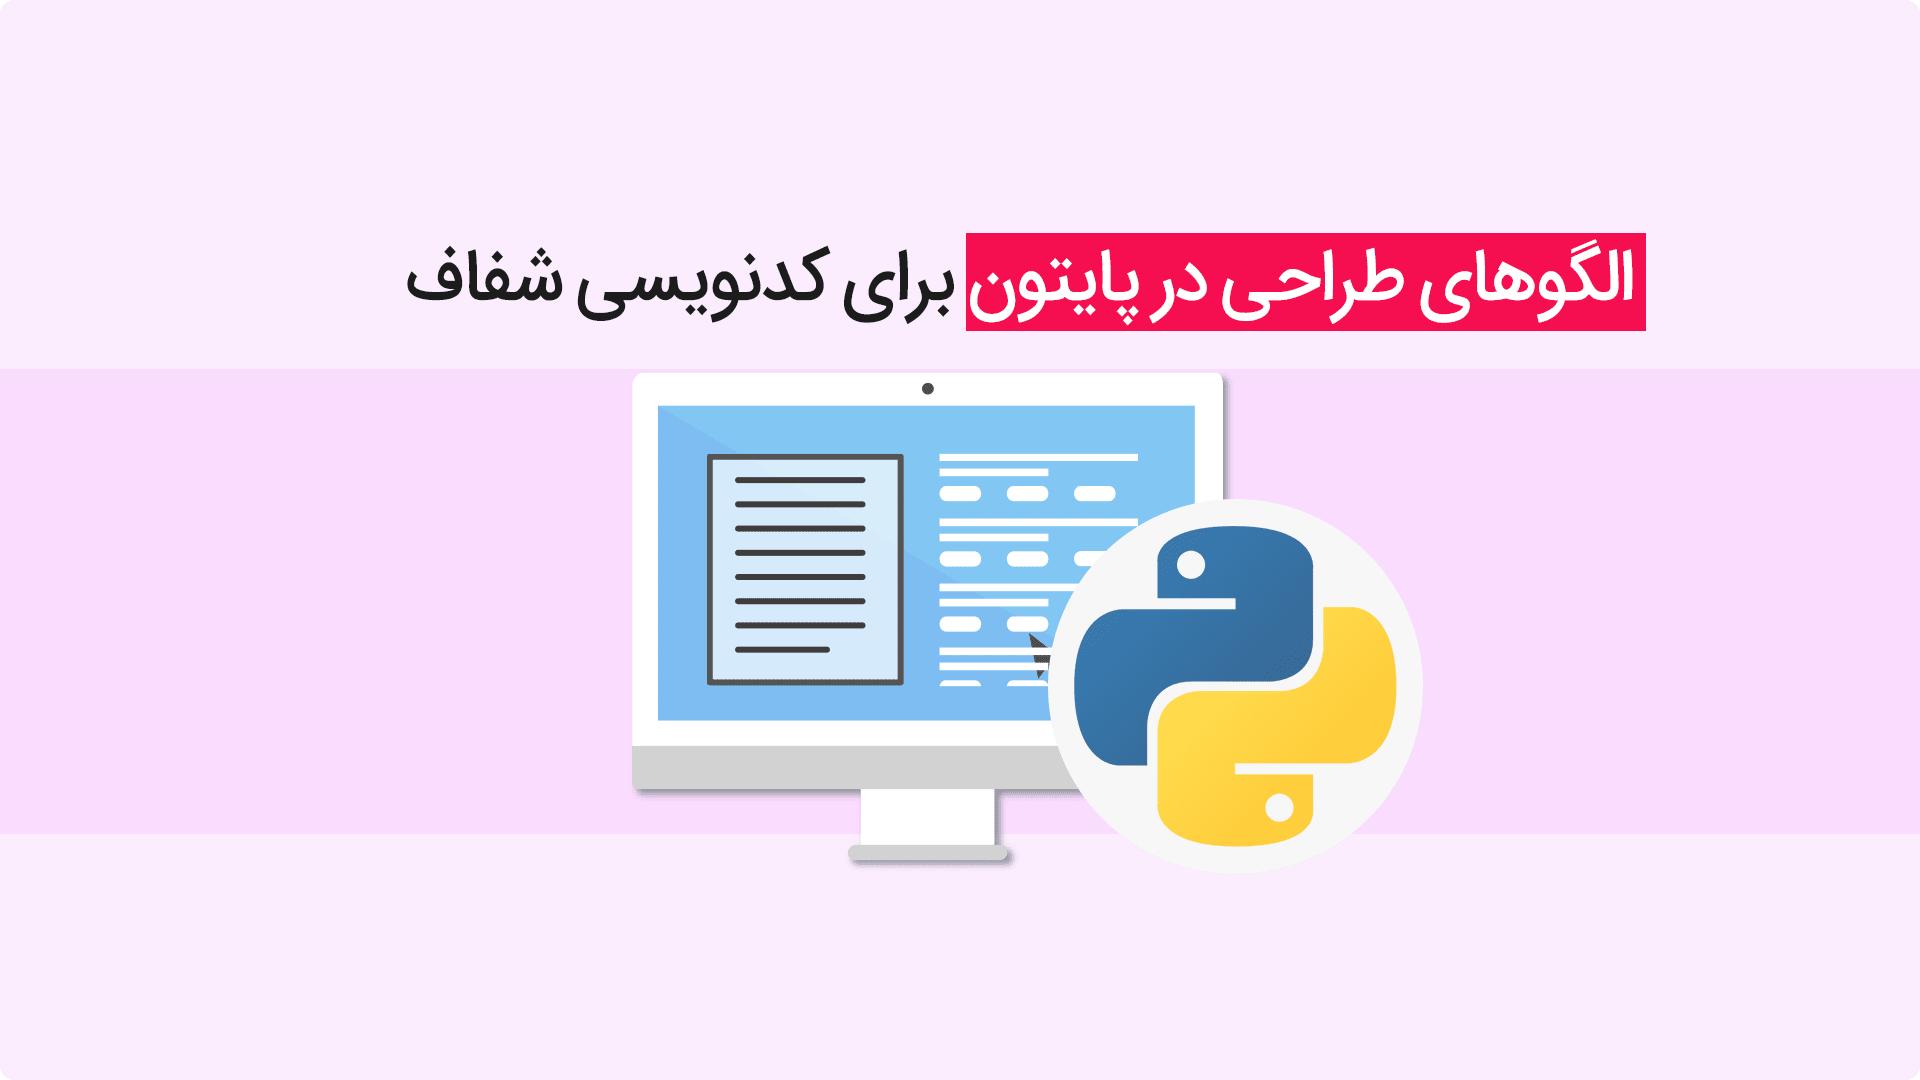 الگوهای طراحی (Design Patterns) در پایتون (Python)